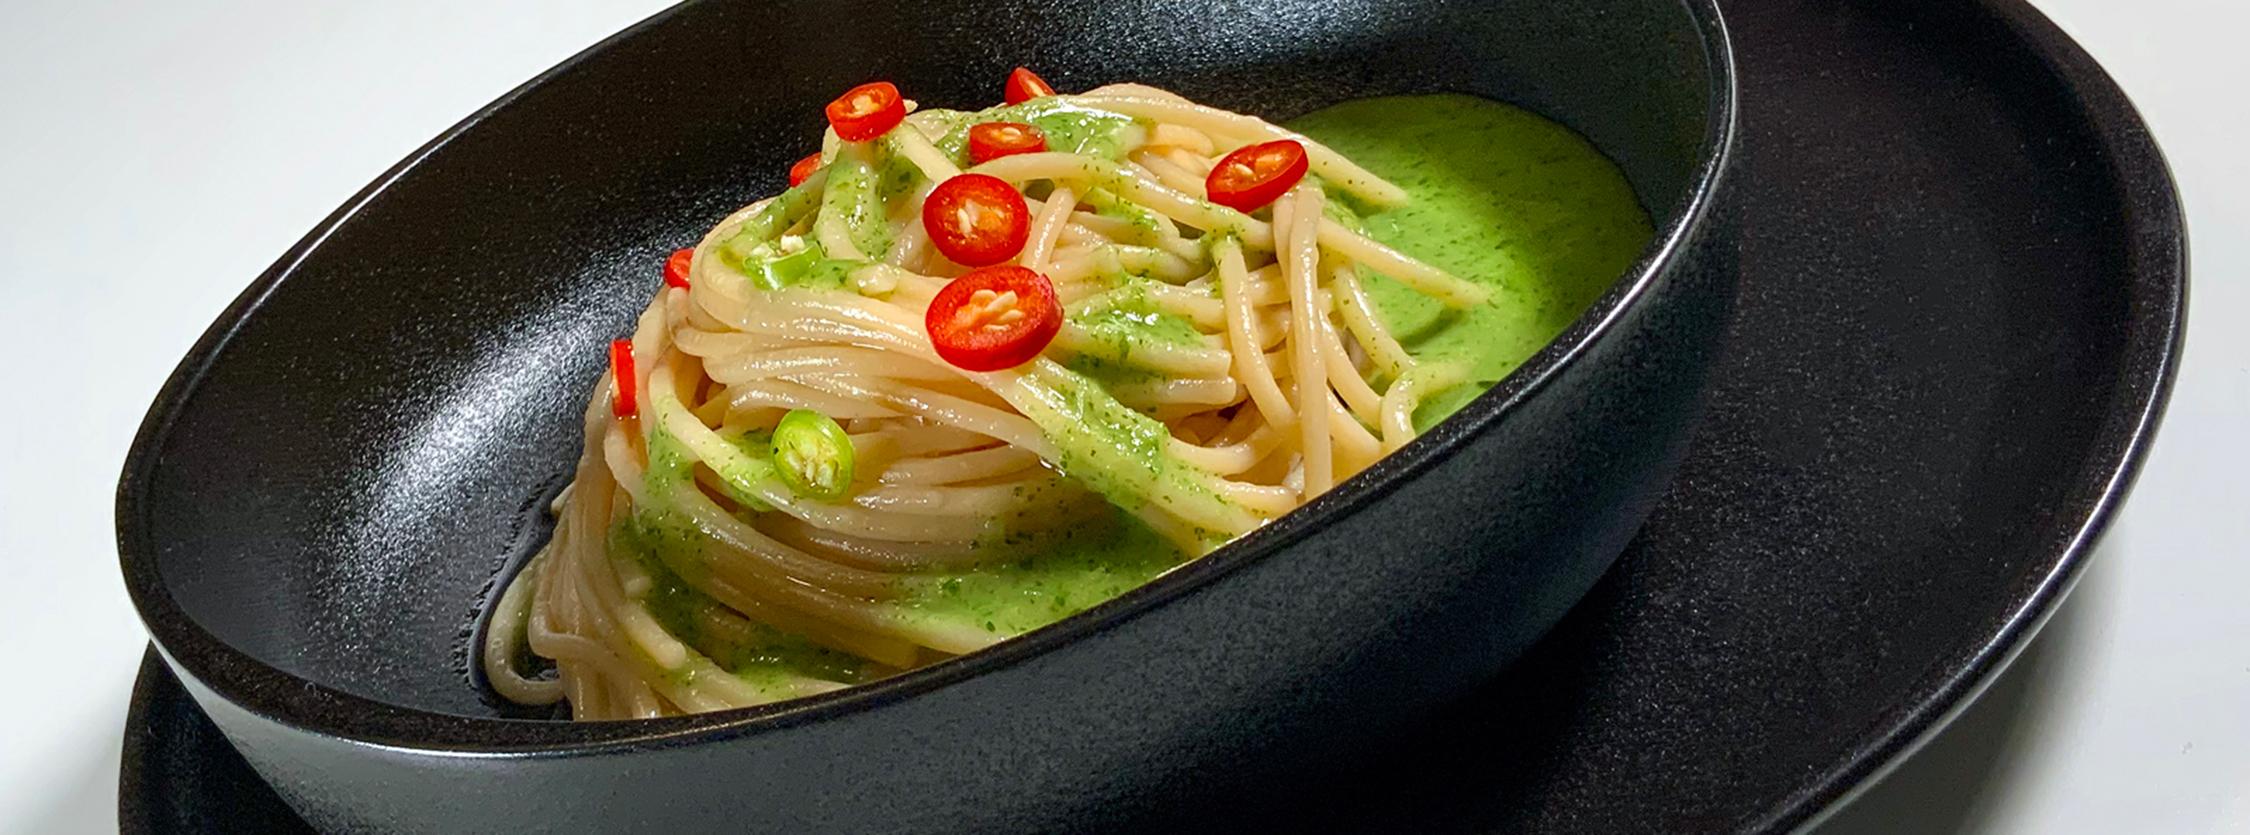 Spaghetti Sgambaro di grano Senatore Cappelli all'aglio, olio, peperoncino e spumante